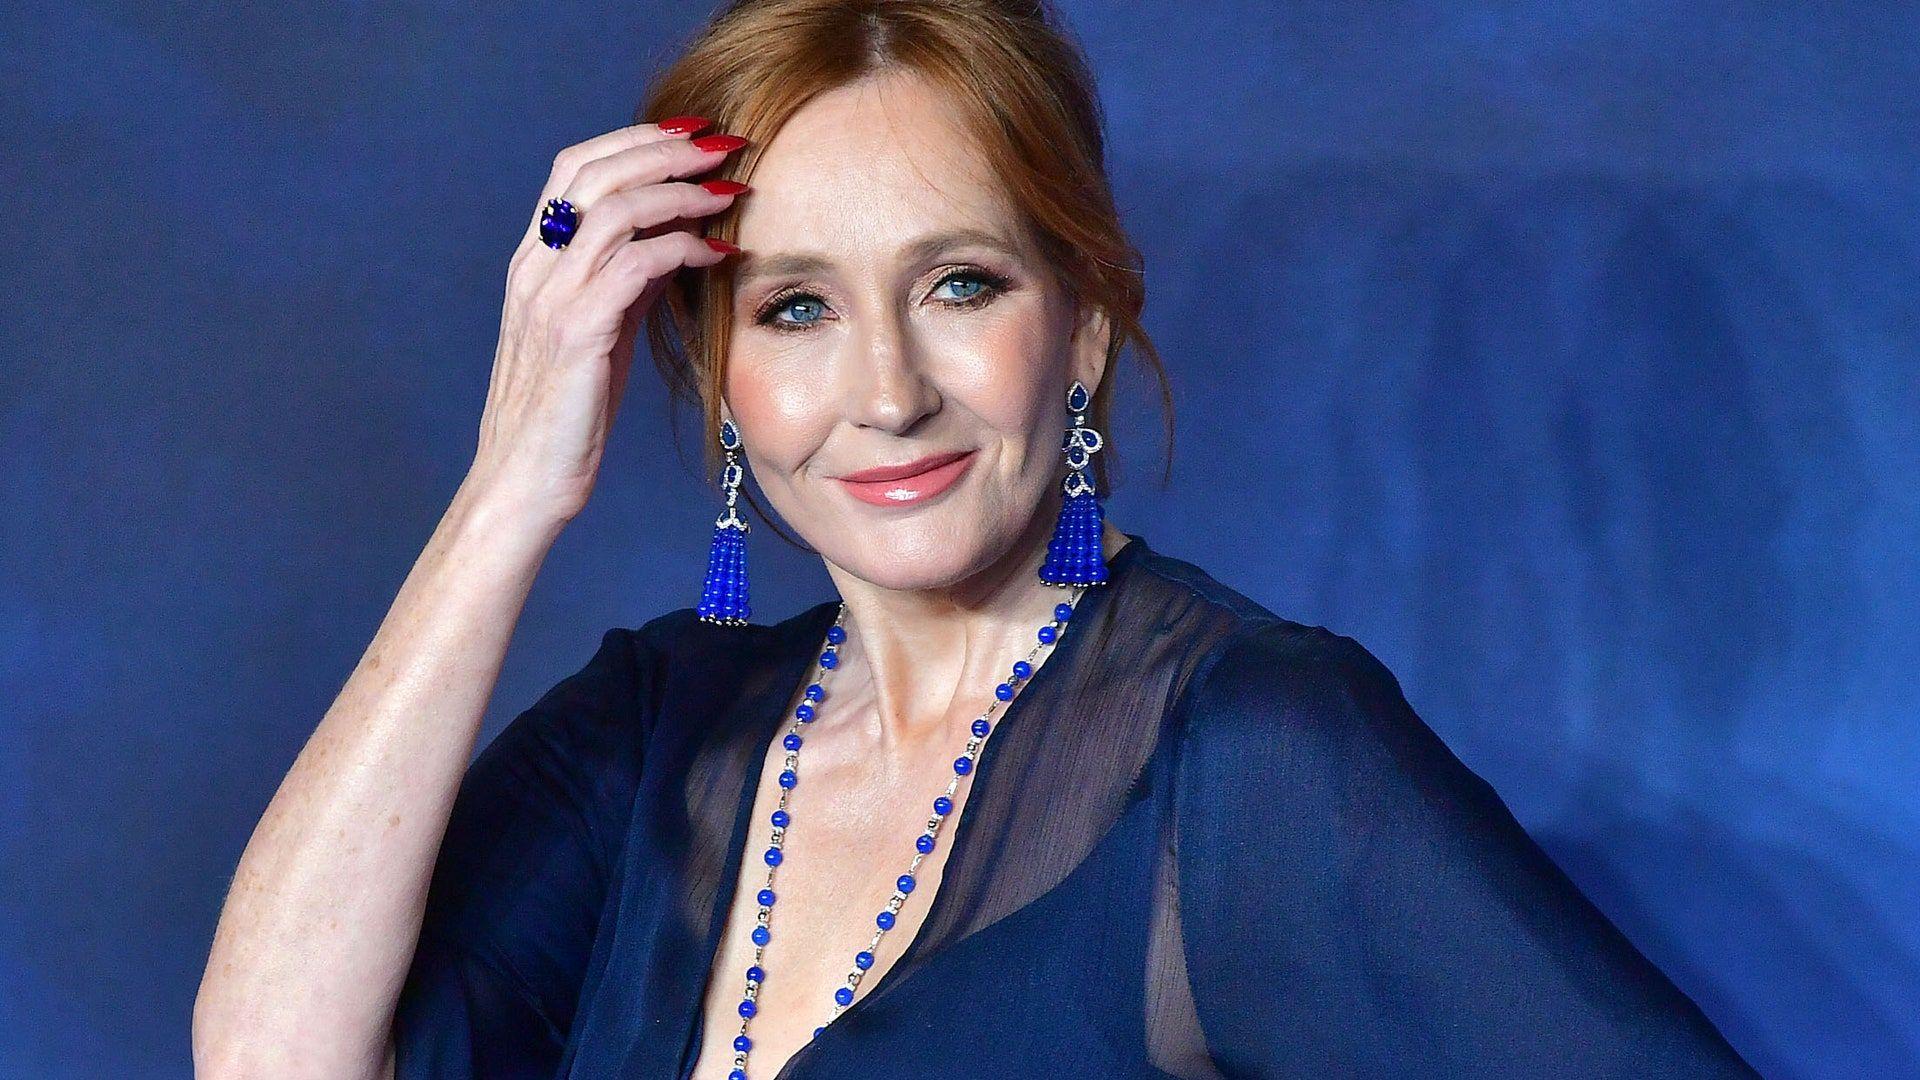 J K Rowling Bringt Noch Dieses Jahr Ein Ganz Neues Buch Heraus The Ickabog Neue Bucher Buchclub Gutenachtgeschichte